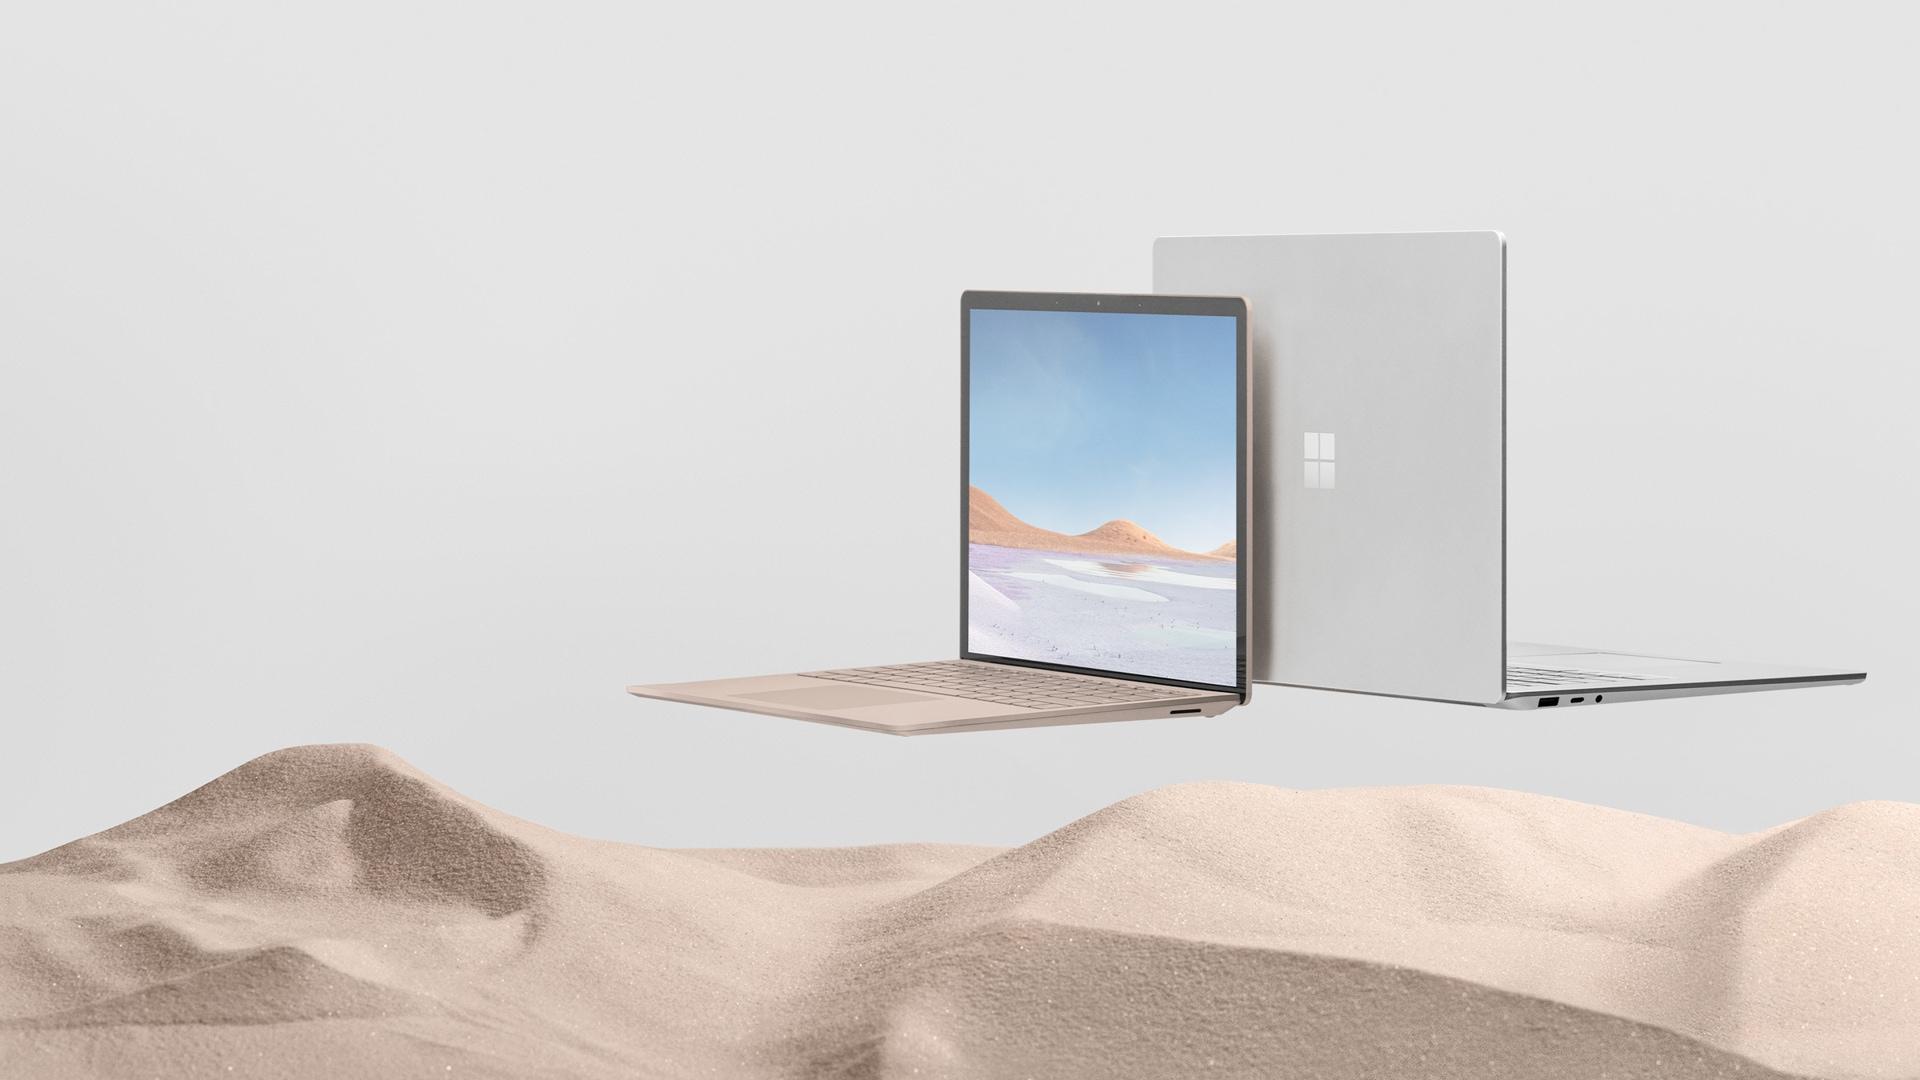 13.5 英寸砂岩金和 15 英寸亮铂金中的 Surface Laptop 3